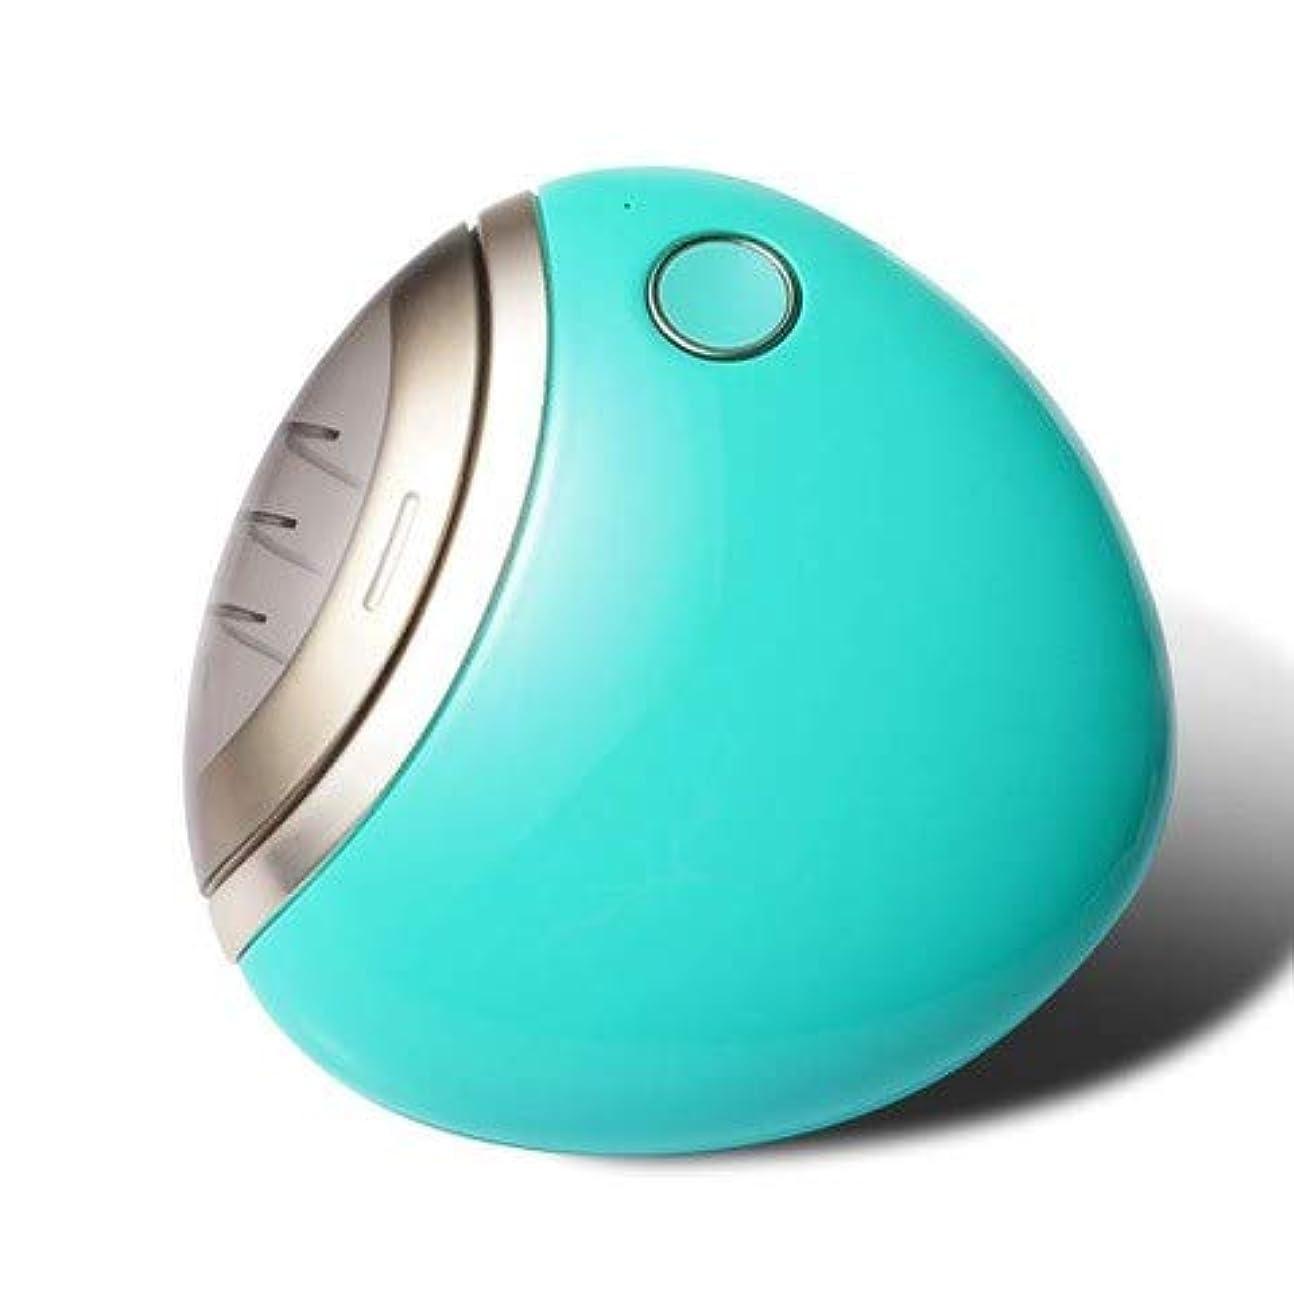 国みすぼらしい計り知れないmarise 電動爪切り 自動爪切り USB充電付き 男女兼用 ネイルケア (グリーン)